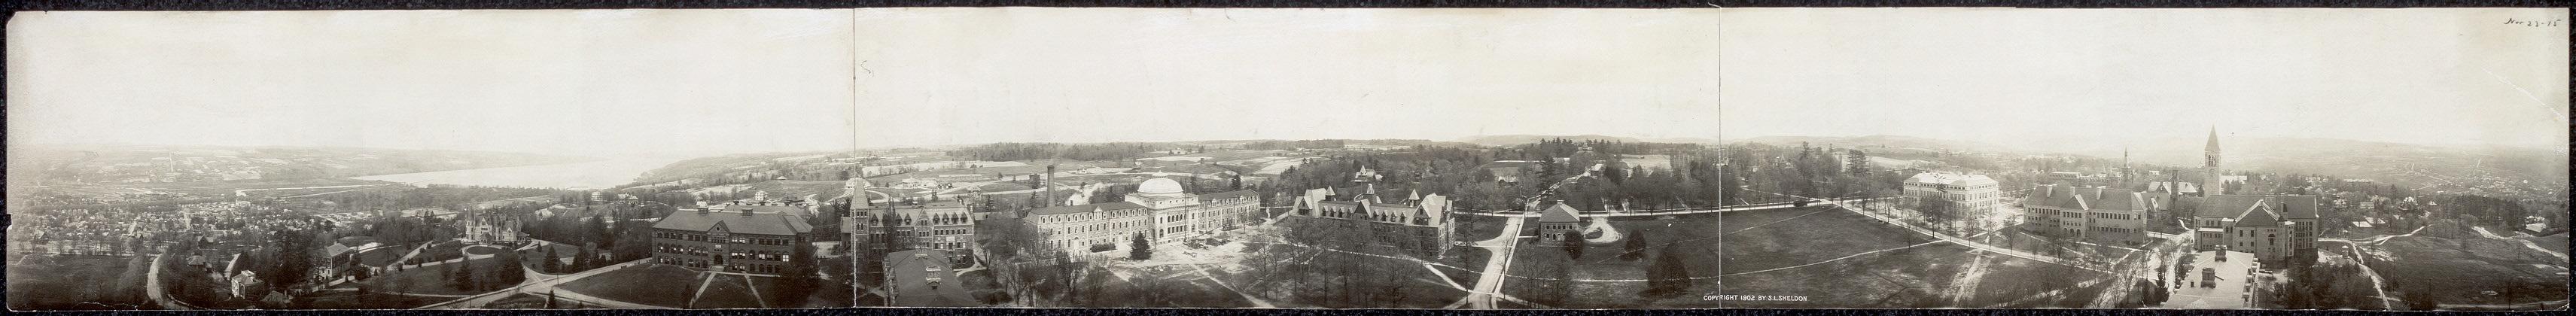 Панорама Главного кампуса университета, 1902 год.